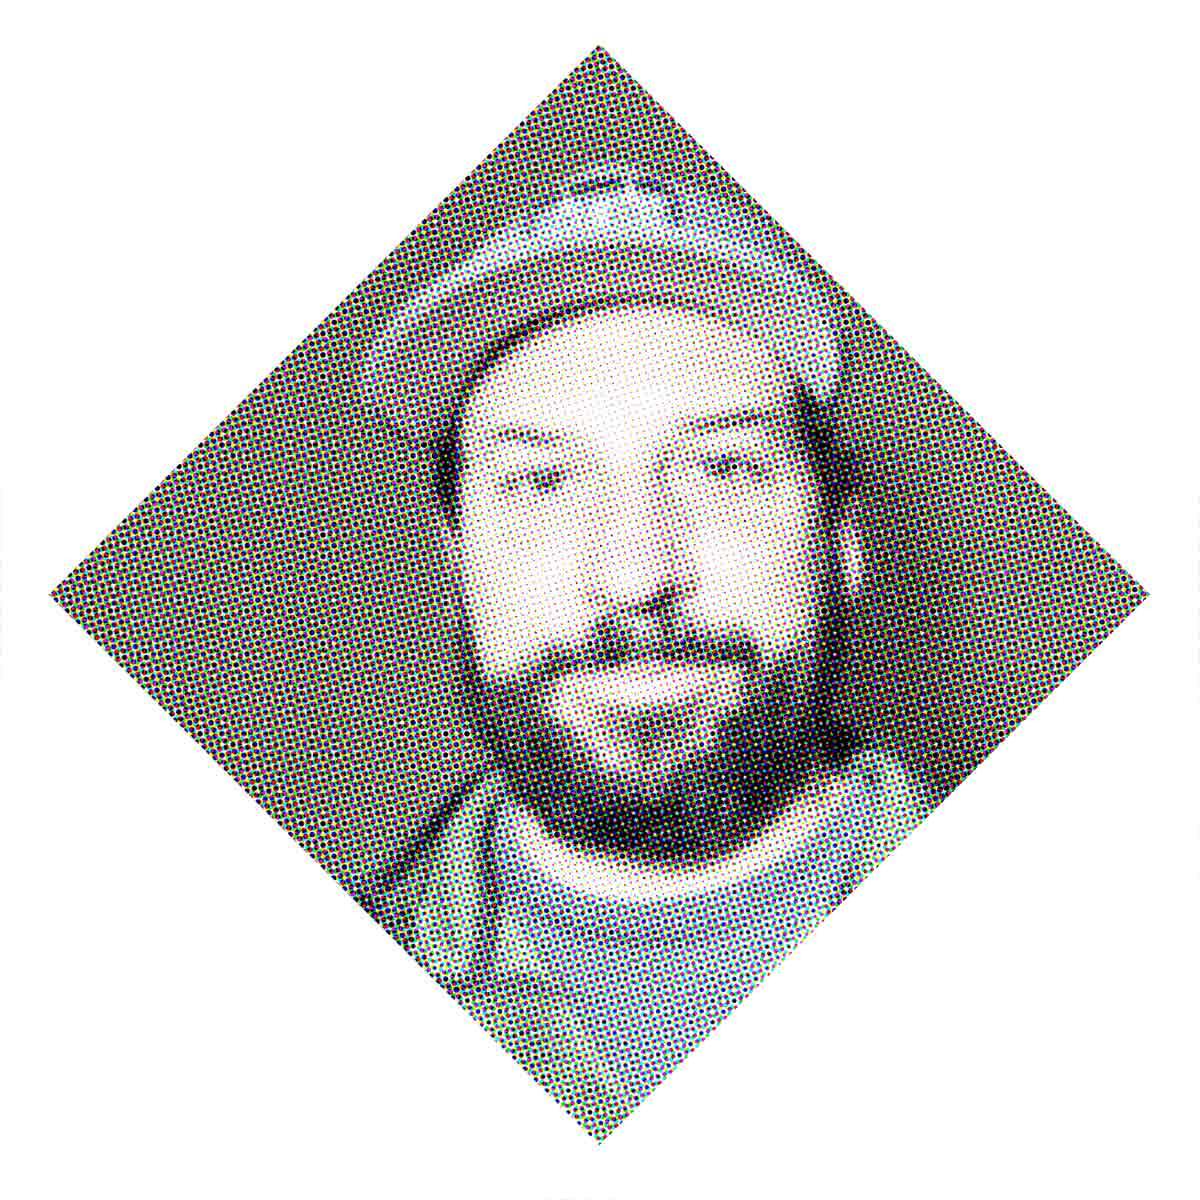 James - Developer / Quality Assurance - MimbleWimble Coin